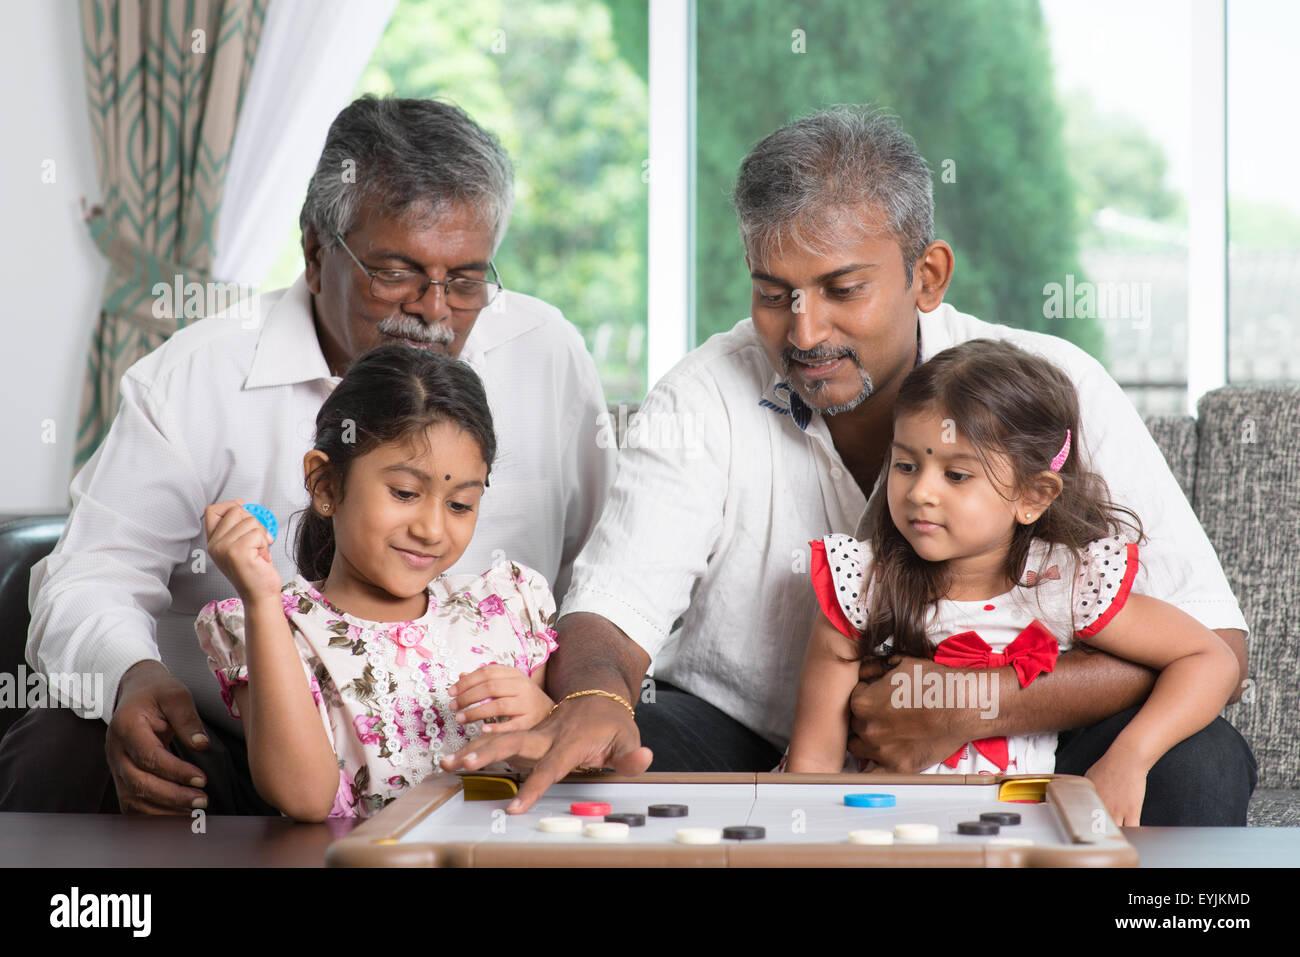 Feliz De Multiples Generaciones De La Familia India Asia Jugando